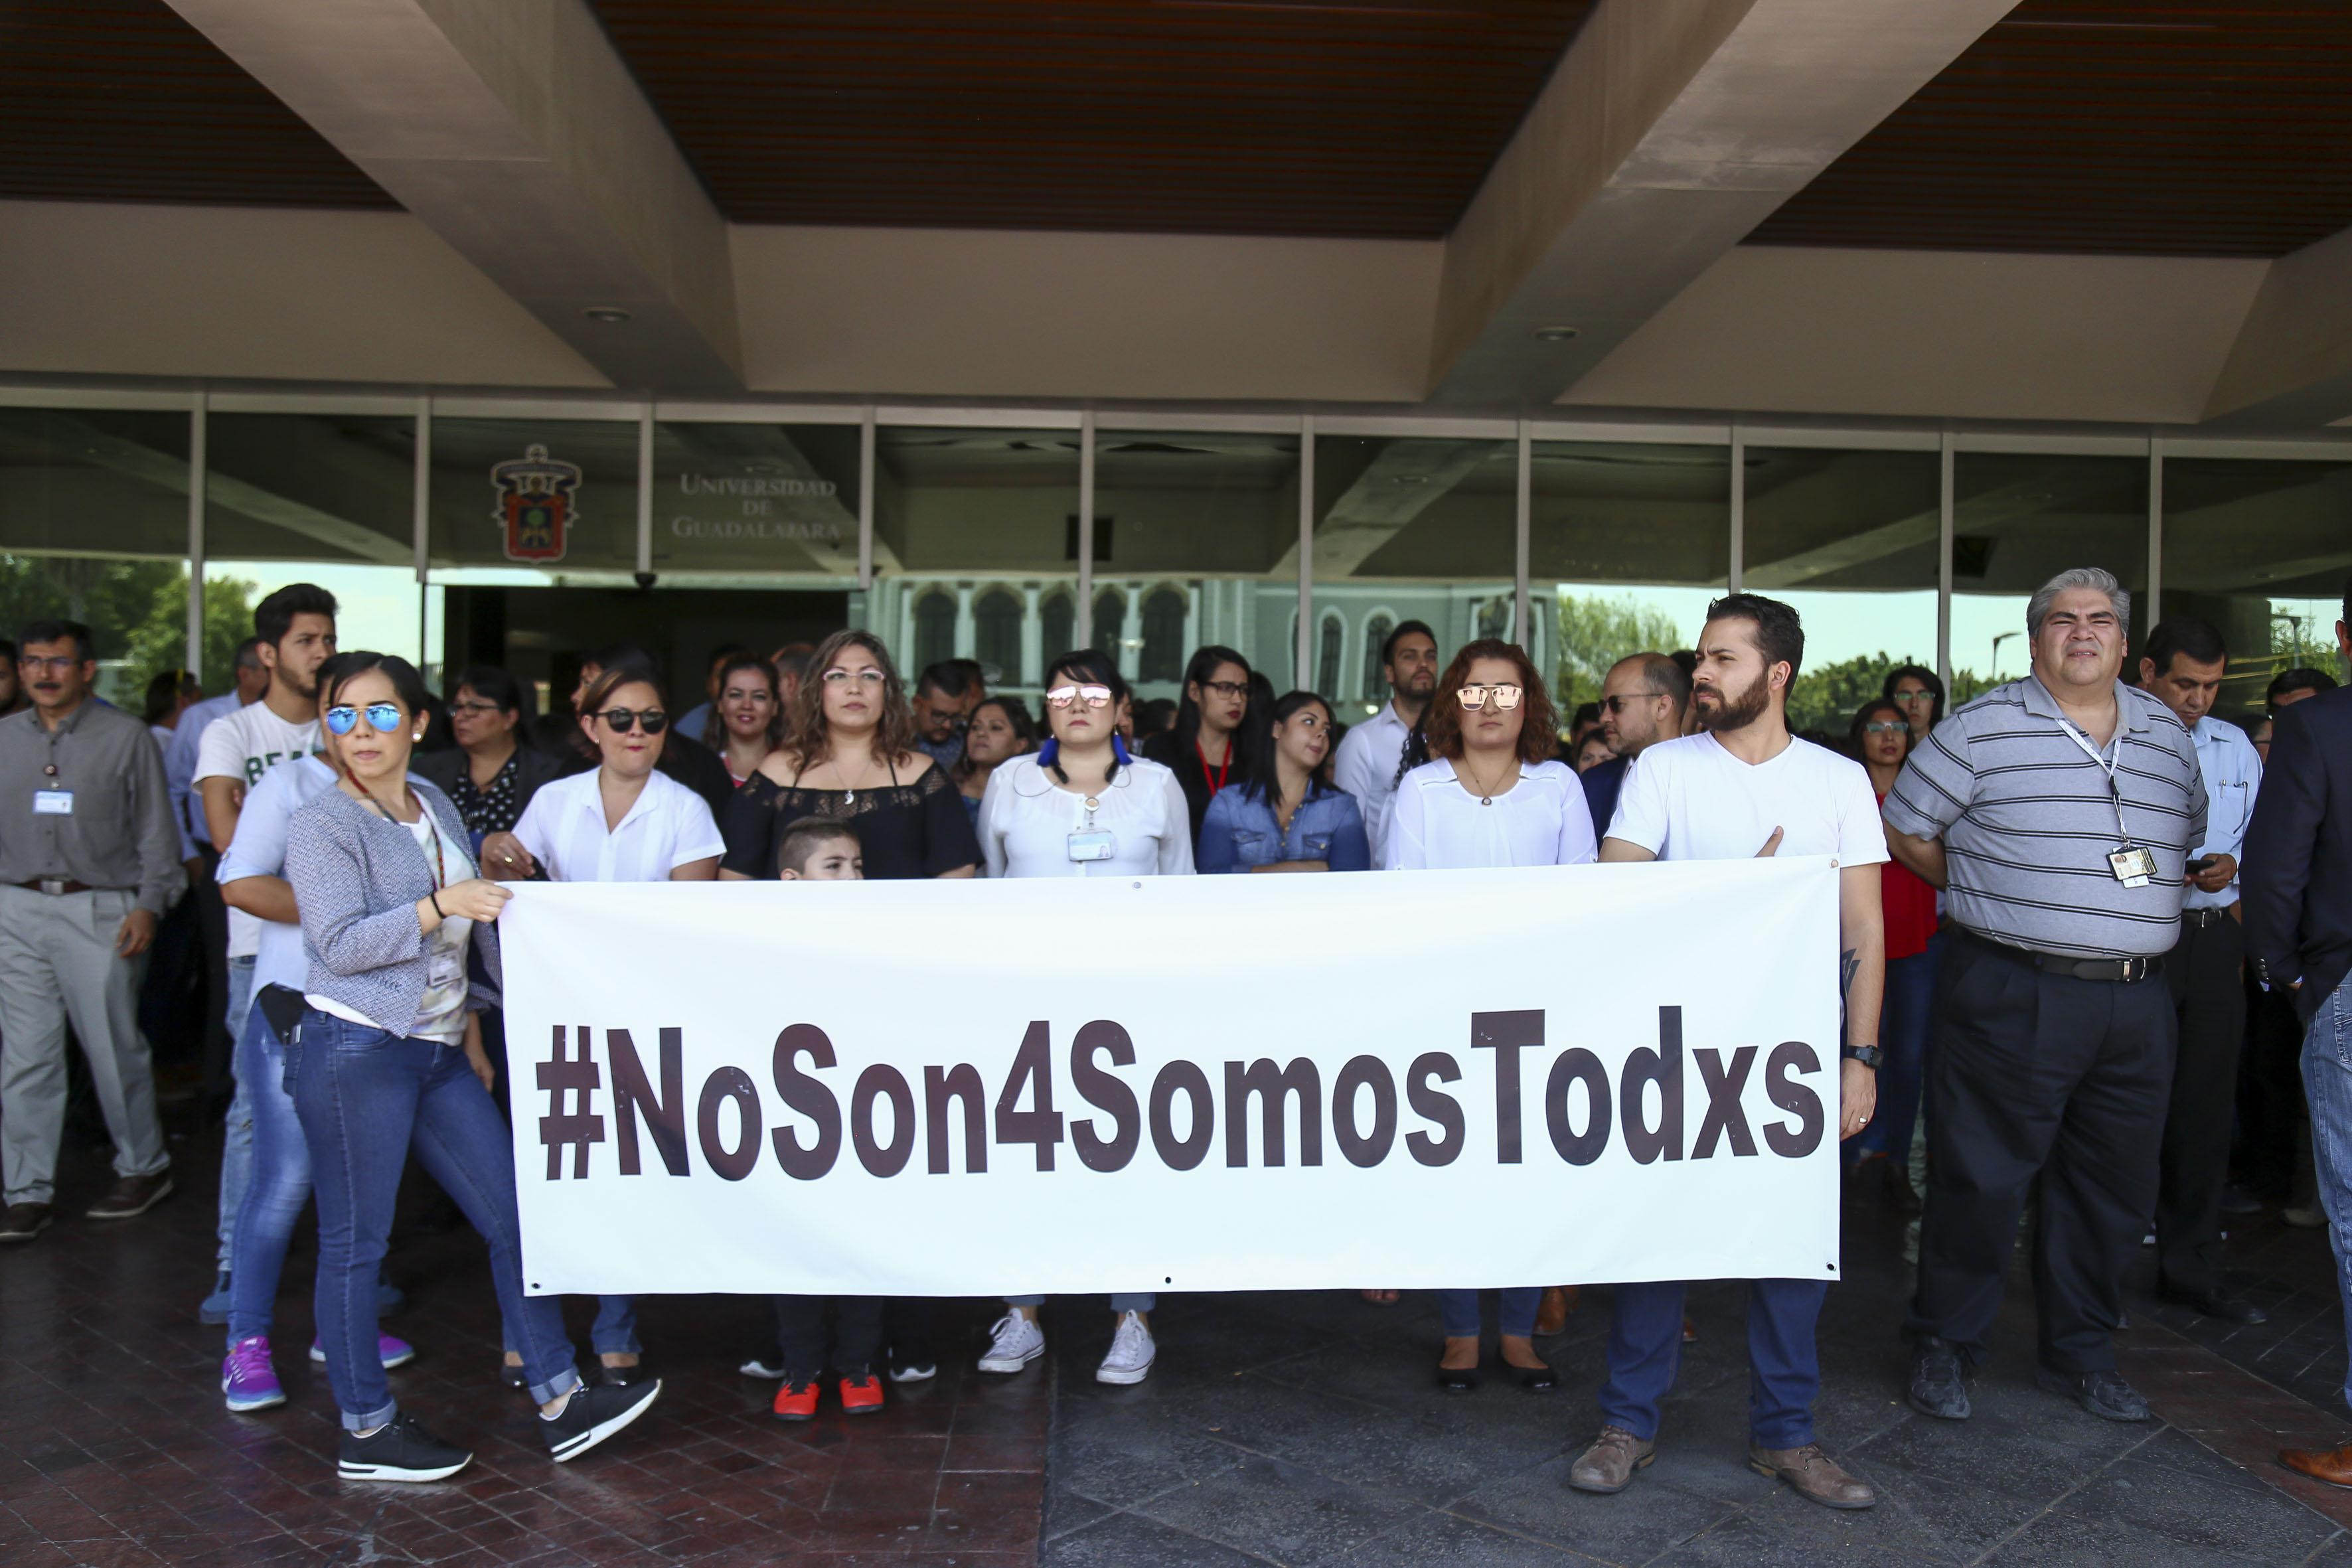 Foto a las puertas del edificio de Rectoría General con alumnos, trabajadores, docentes y funcionarios exhibiendo una manta de protesta